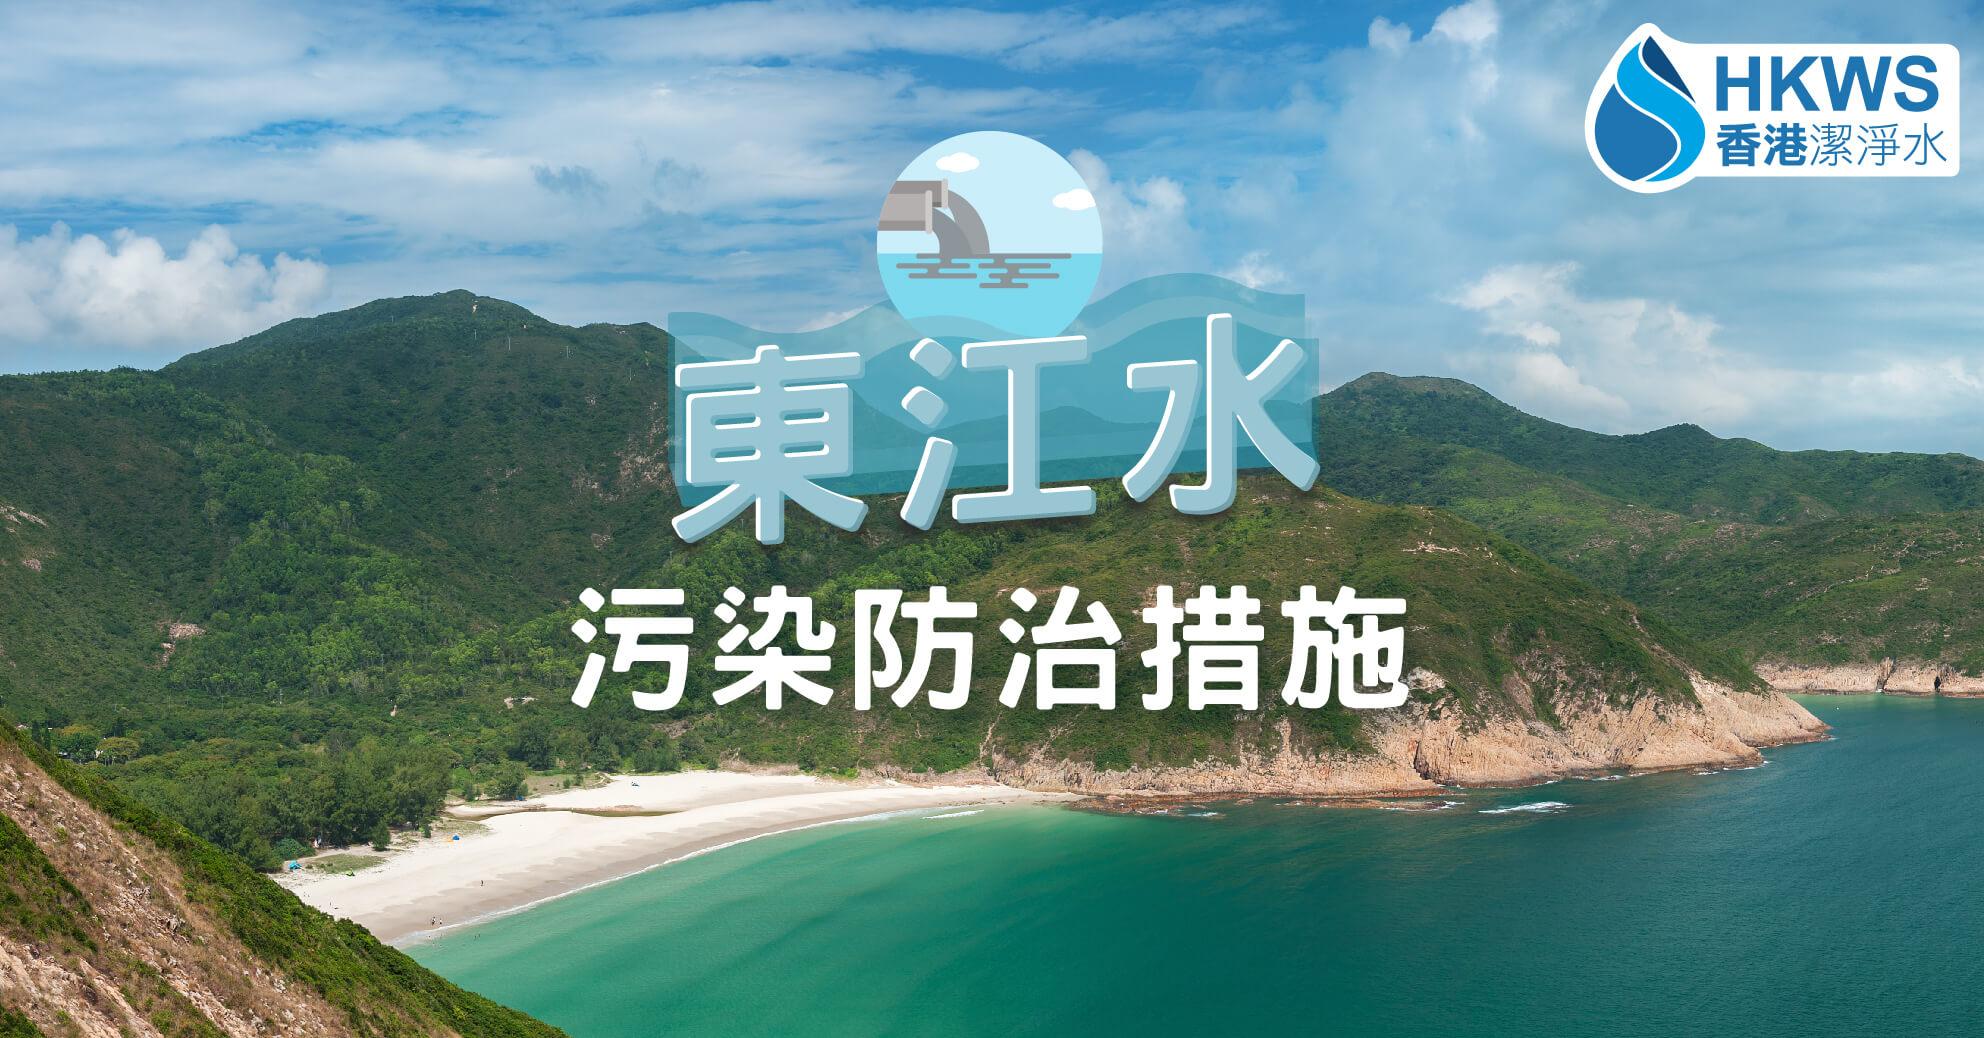 保護東江水措施知多點!